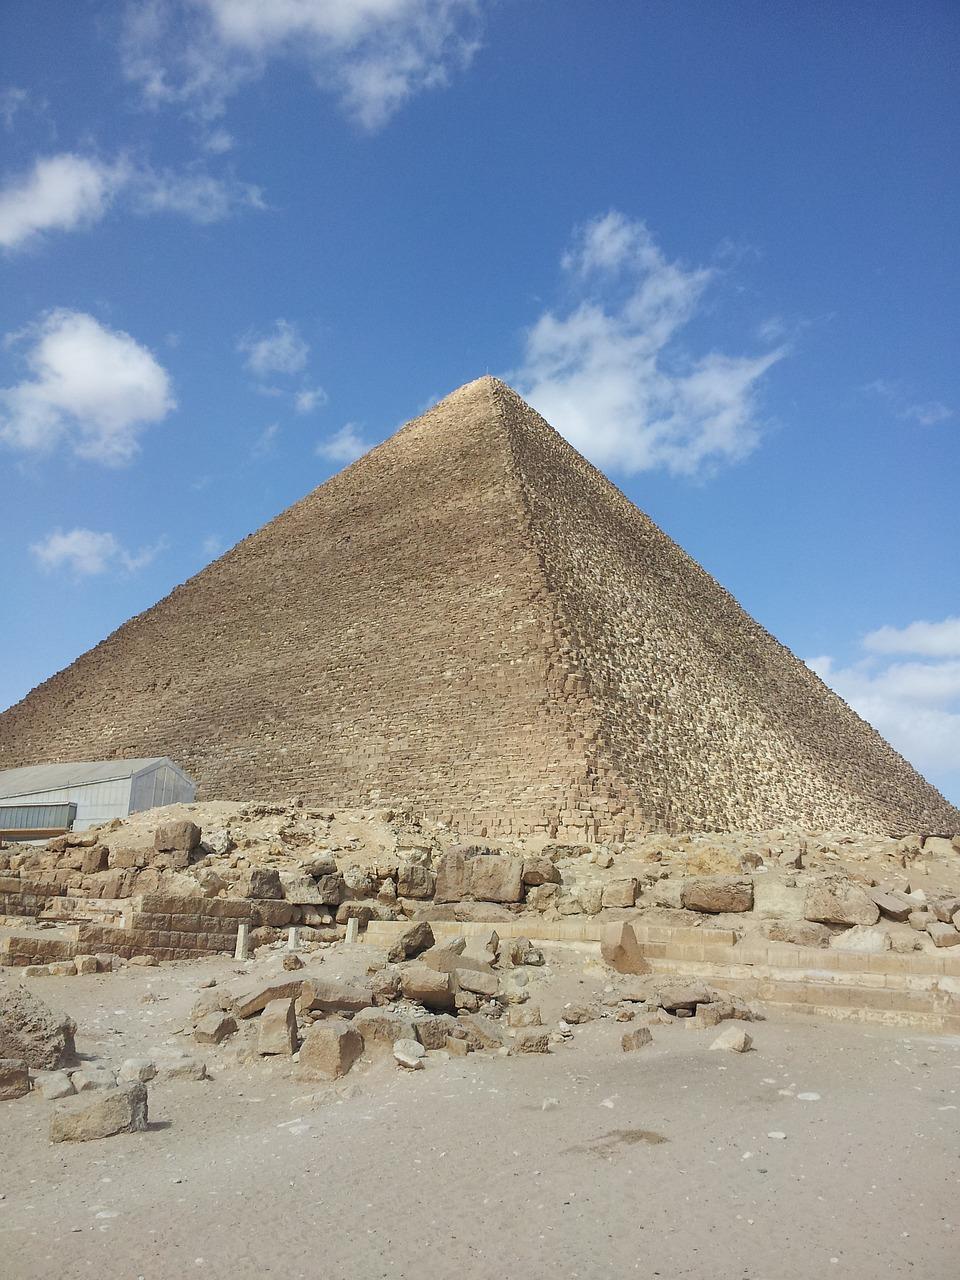 все древний египет пирамиды картинка фото когда приготовлении